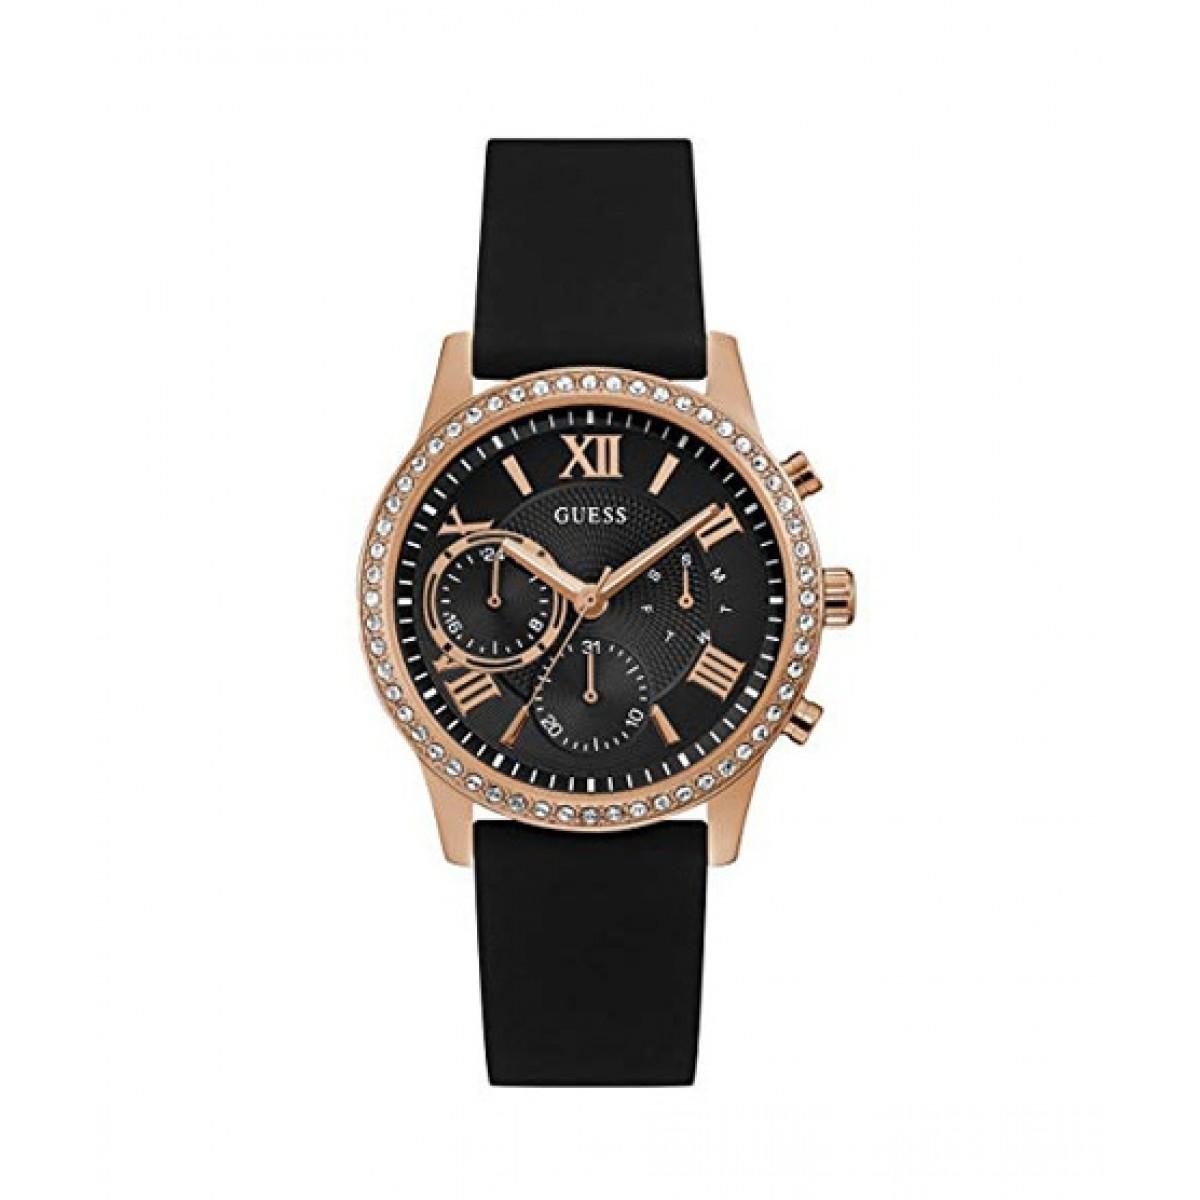 6033c7eb4 GUESS Analog Women's Watch Price in Pakistan | Buy GUESS Women's Watch  Black (U1135L4) | iShopping.pk